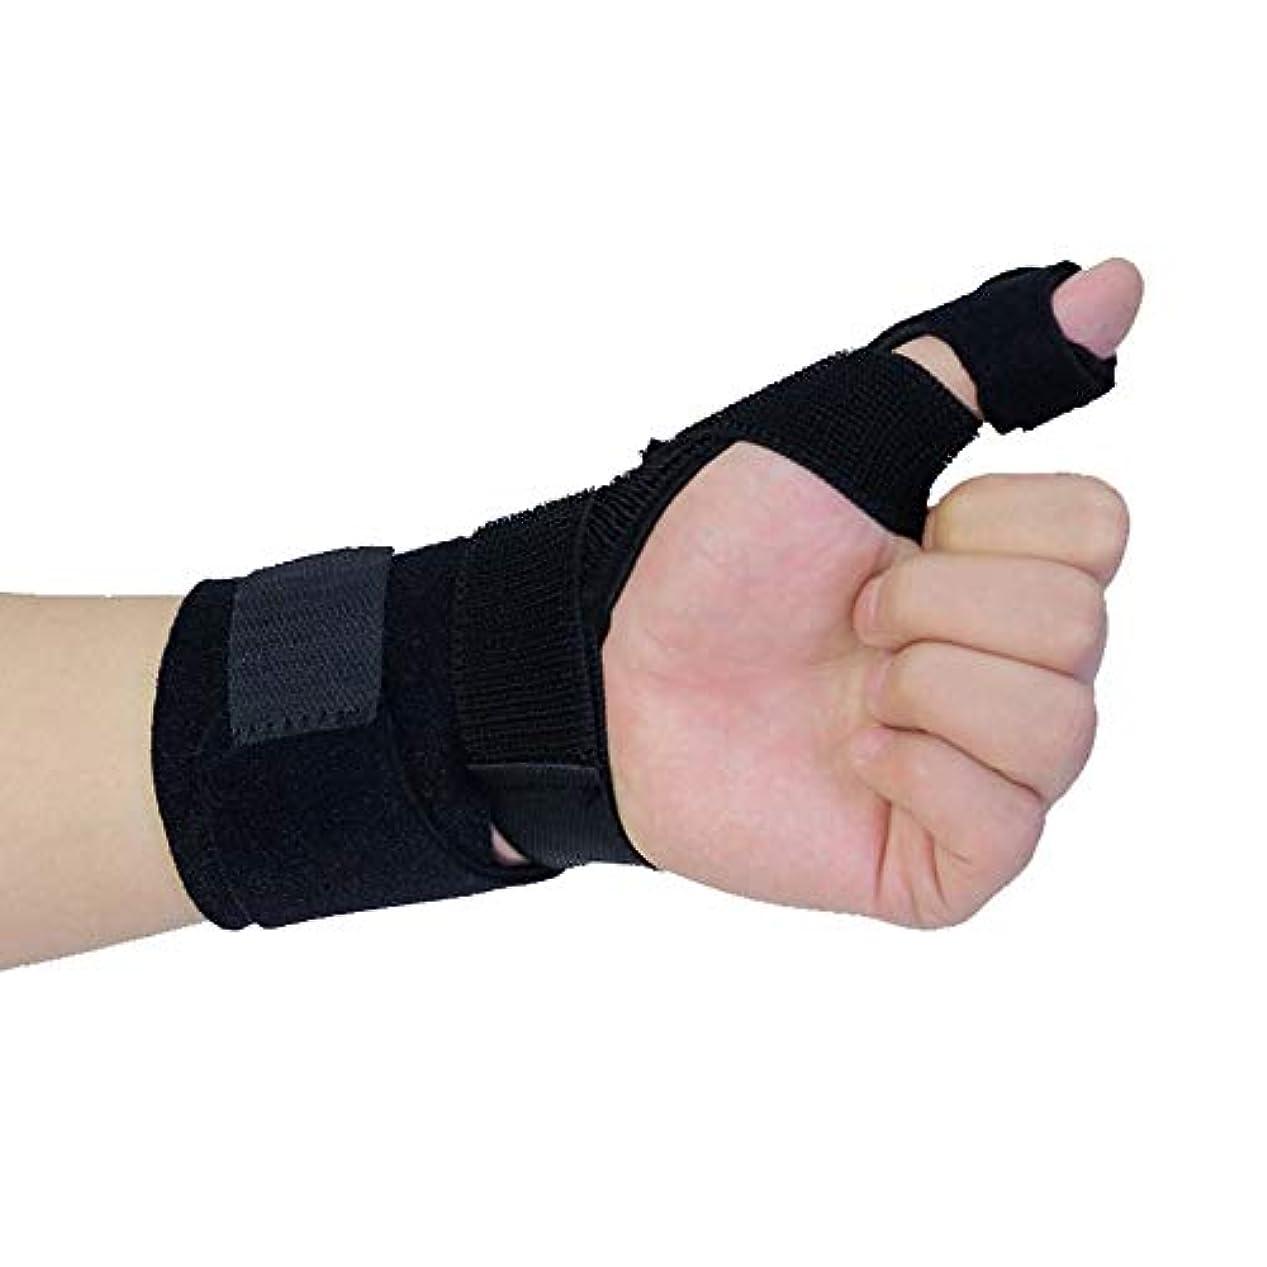 累積パールあごひげ親指ブレース、関節炎、腱炎、手根管の痛みの軽減、軽量で 調節可能なサイズに適した調節可能なプロテクター